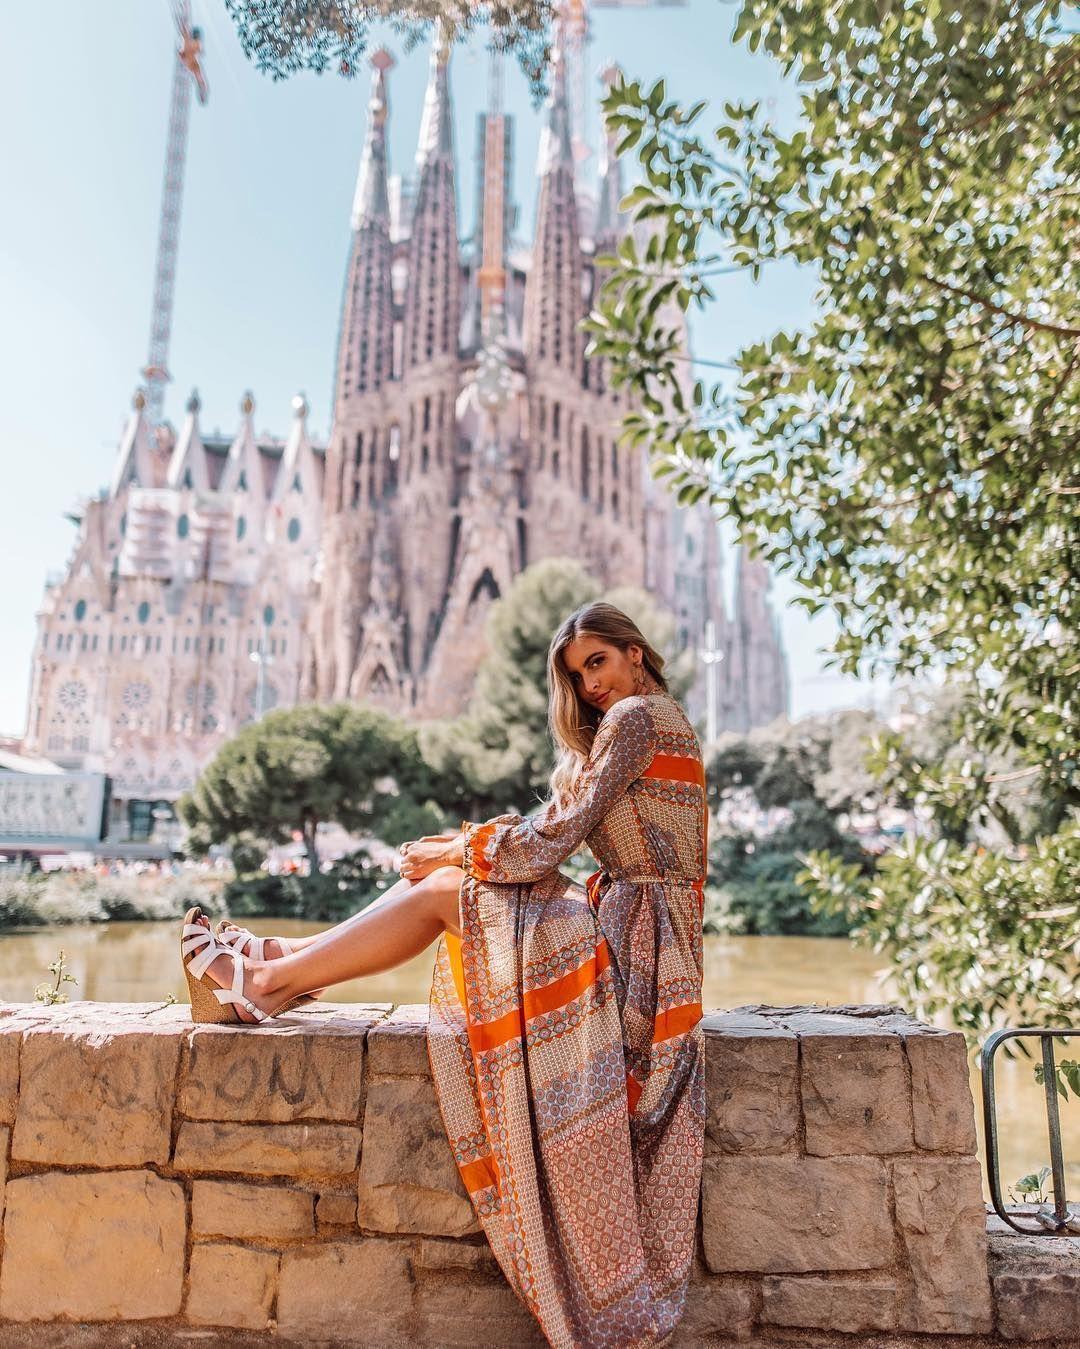 La Sagrada Familia Barcelona instagram photo idea @josie_sanders ...